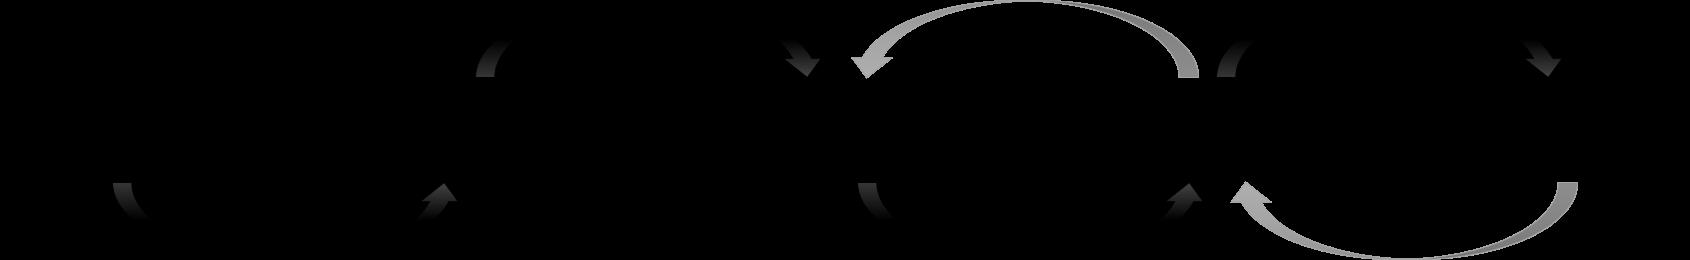 Les 5 étapes du processus de conception selon Lallemand et Gronier (2017)